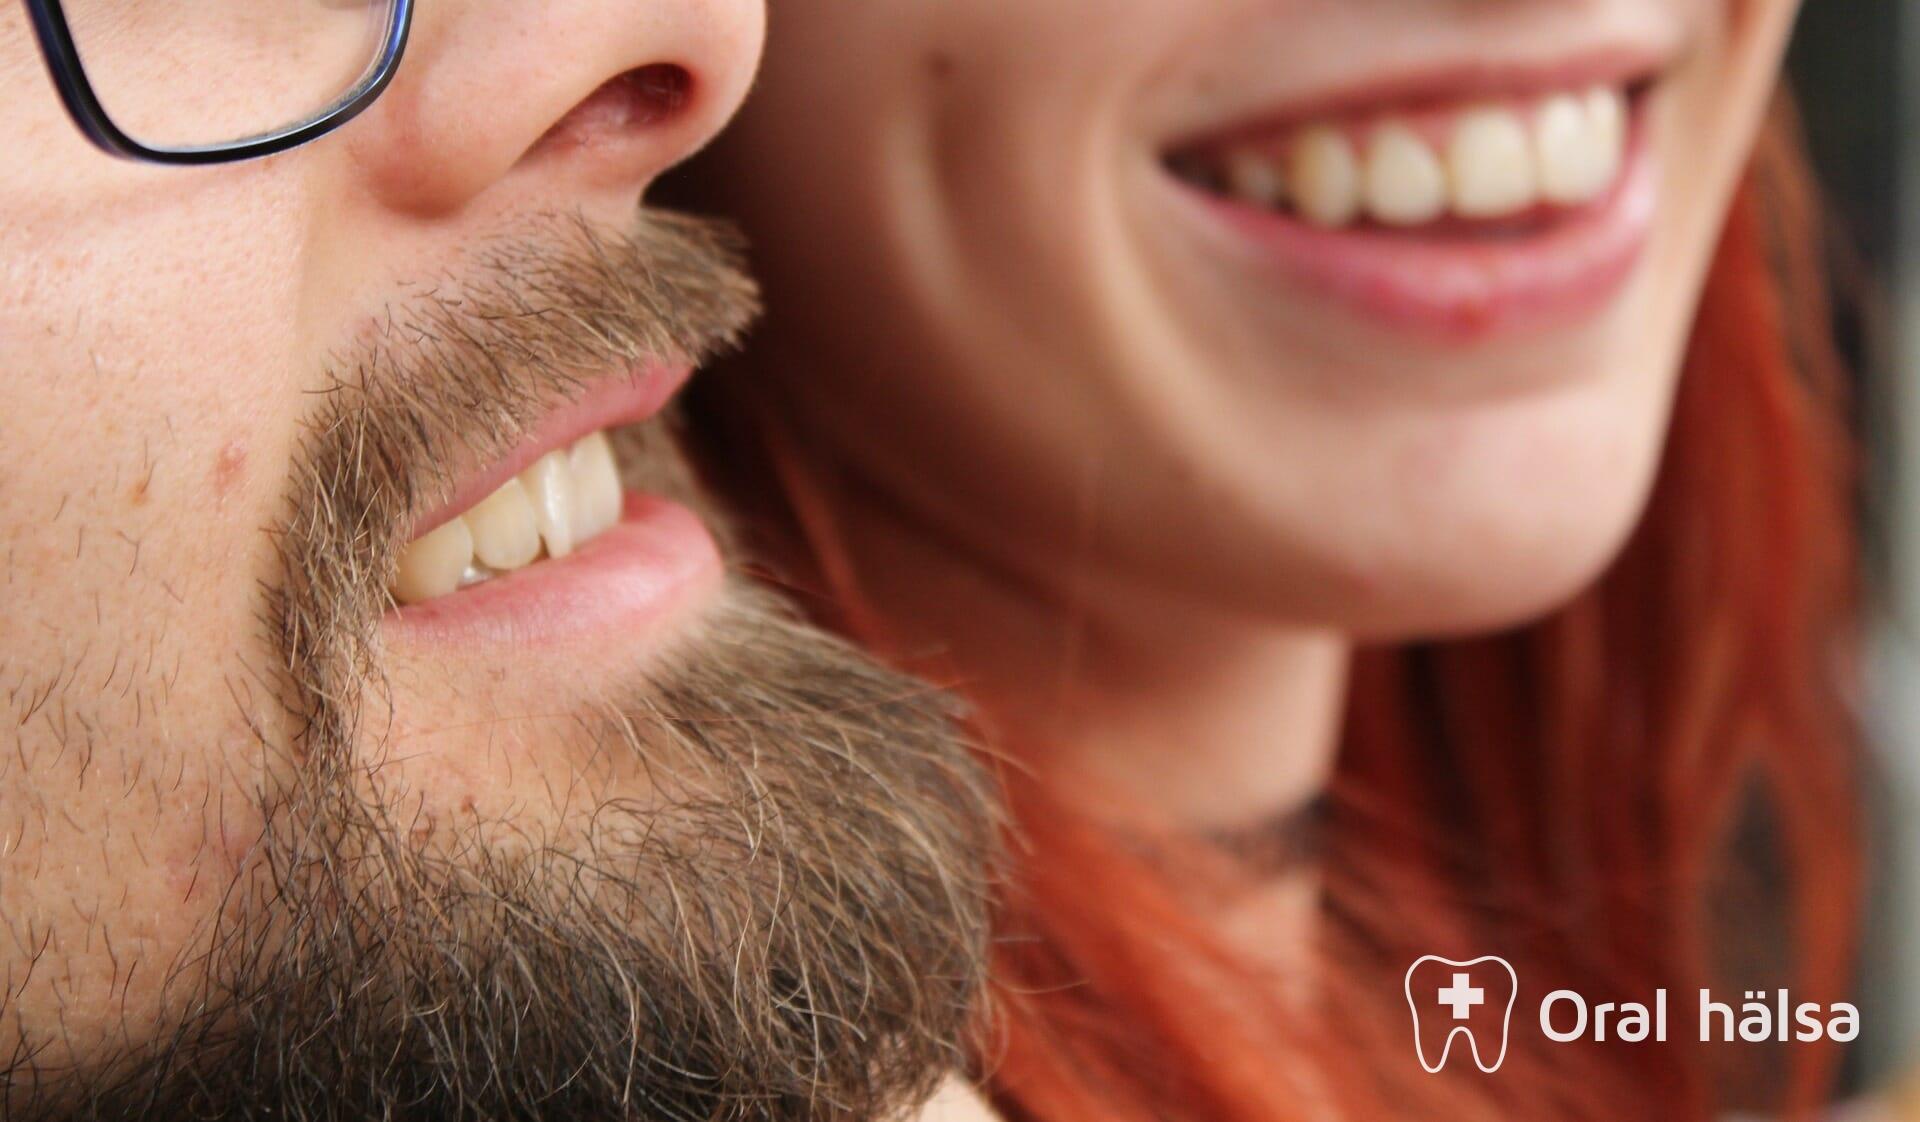 Vad är oral hälsa?